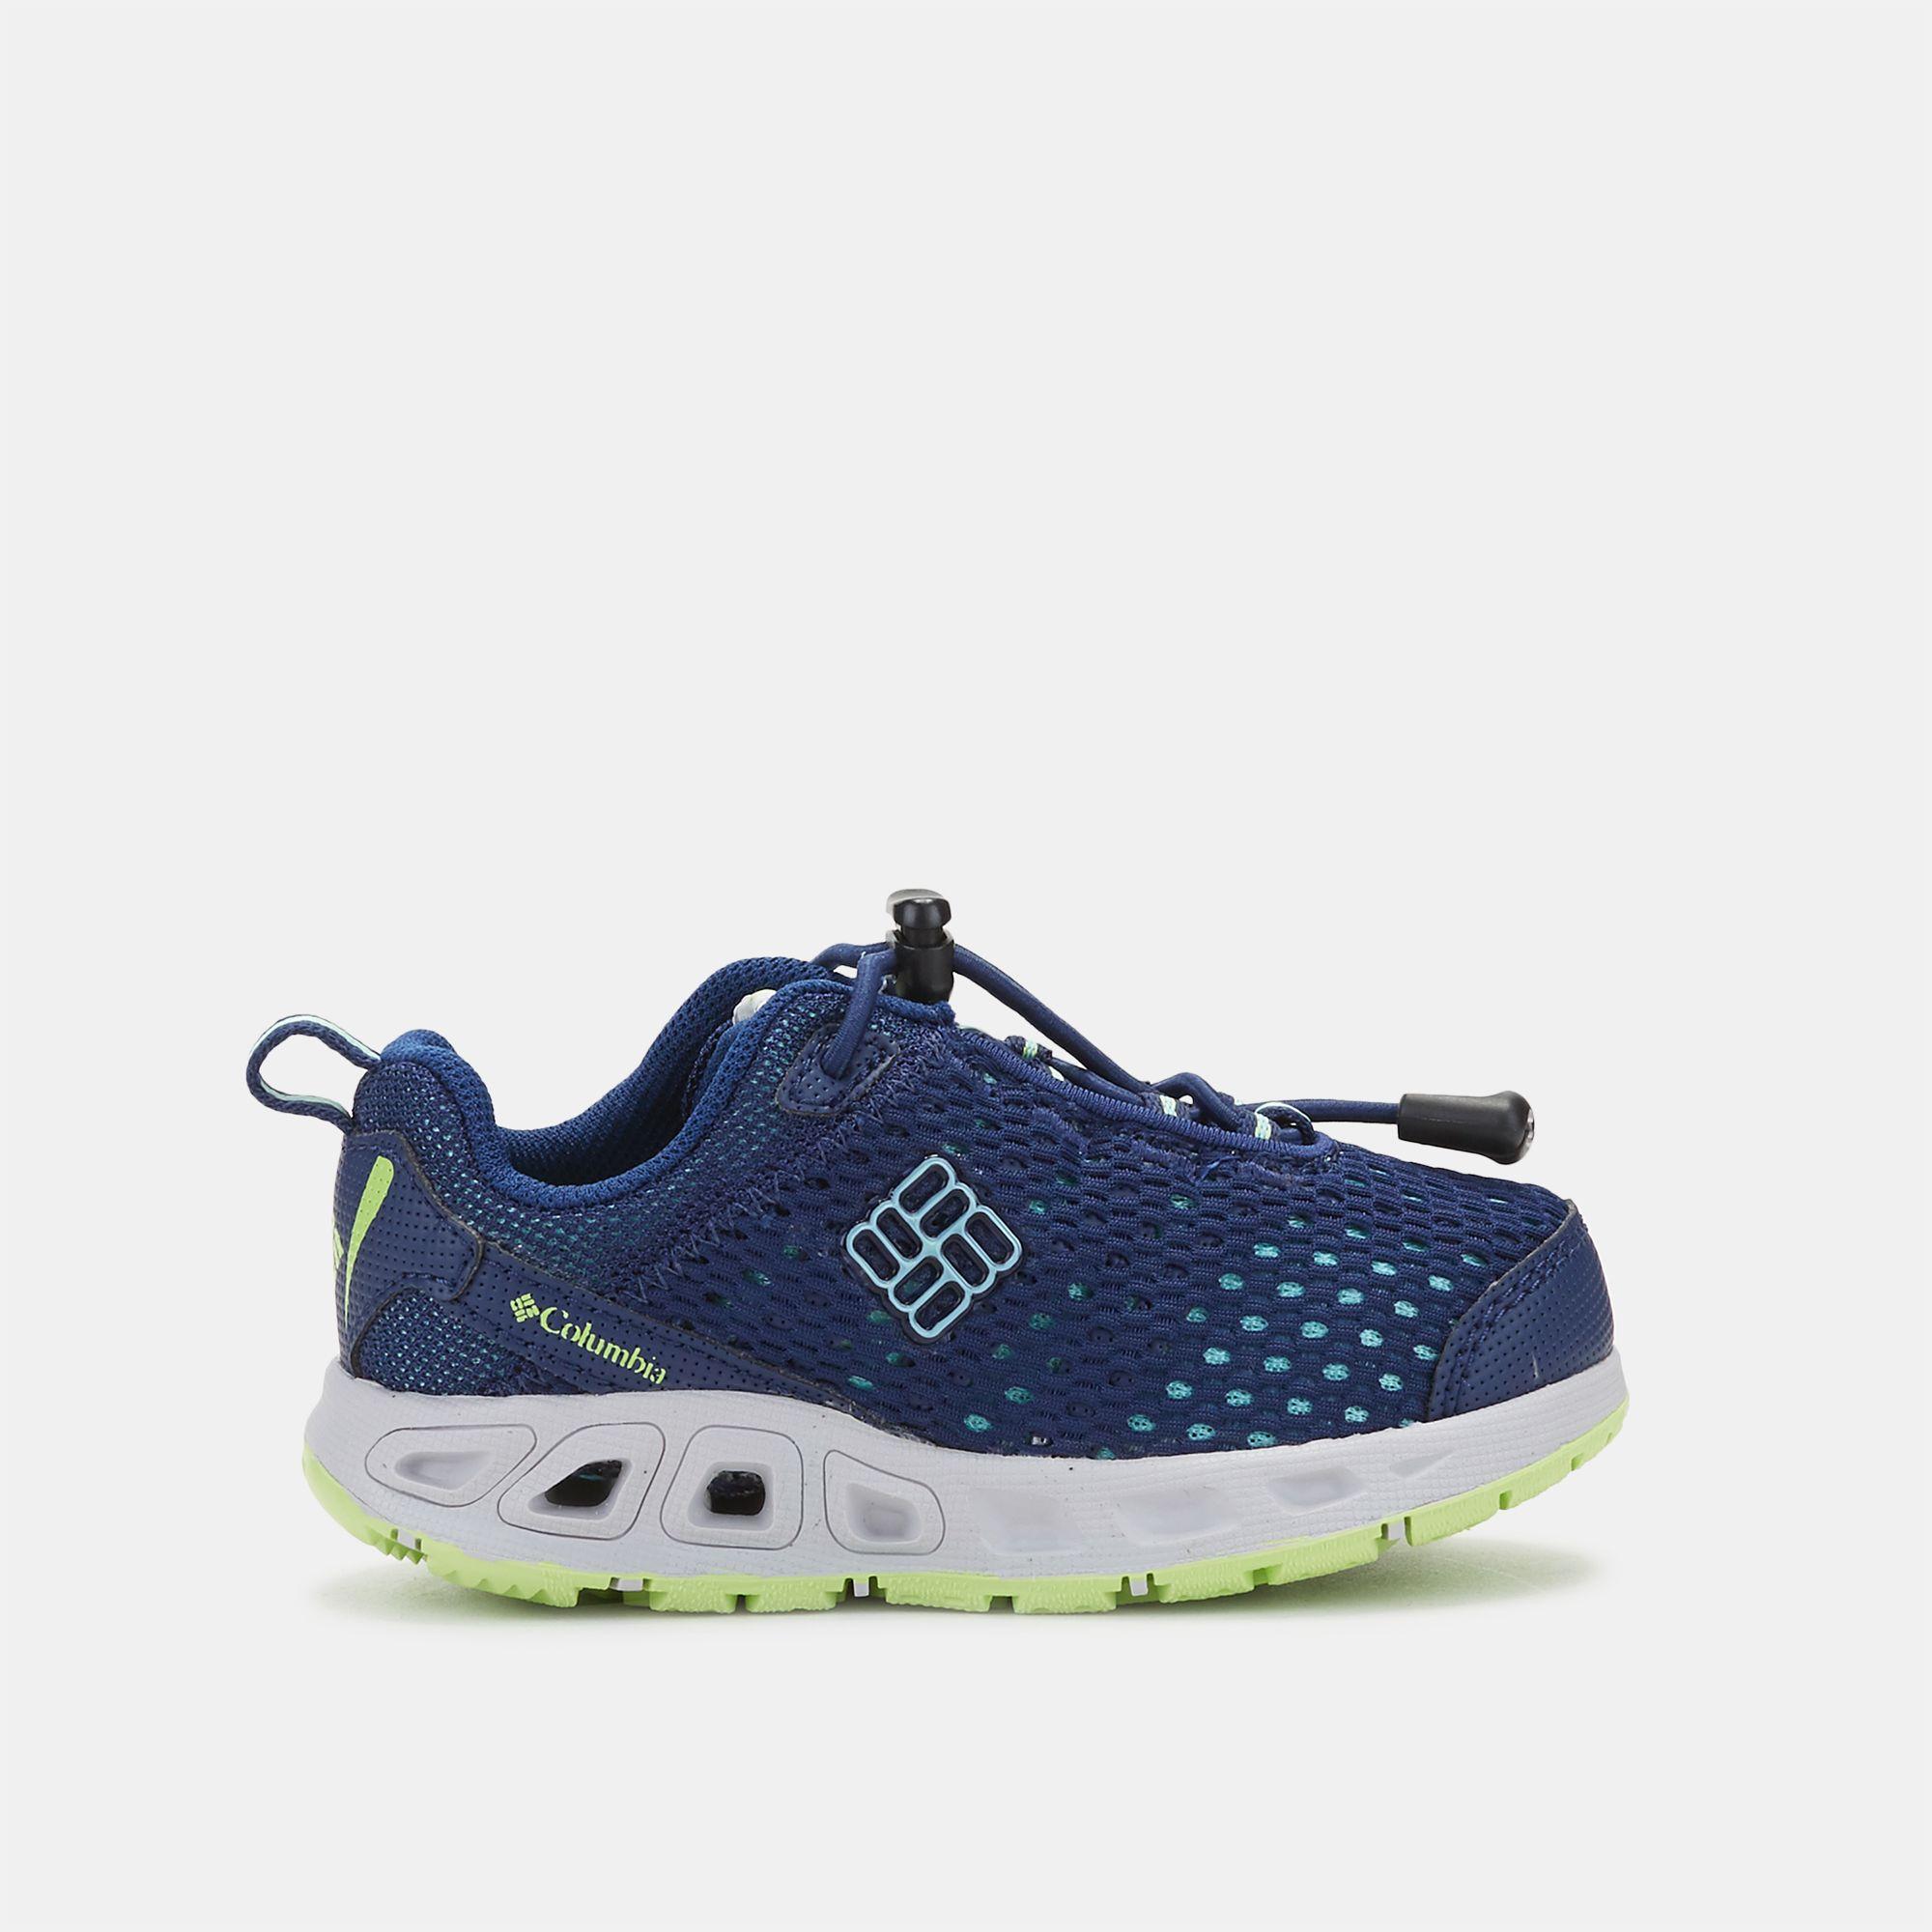 Columbia Kids Drainmaker Iii Shoe Children Clmf 1594312 434 In